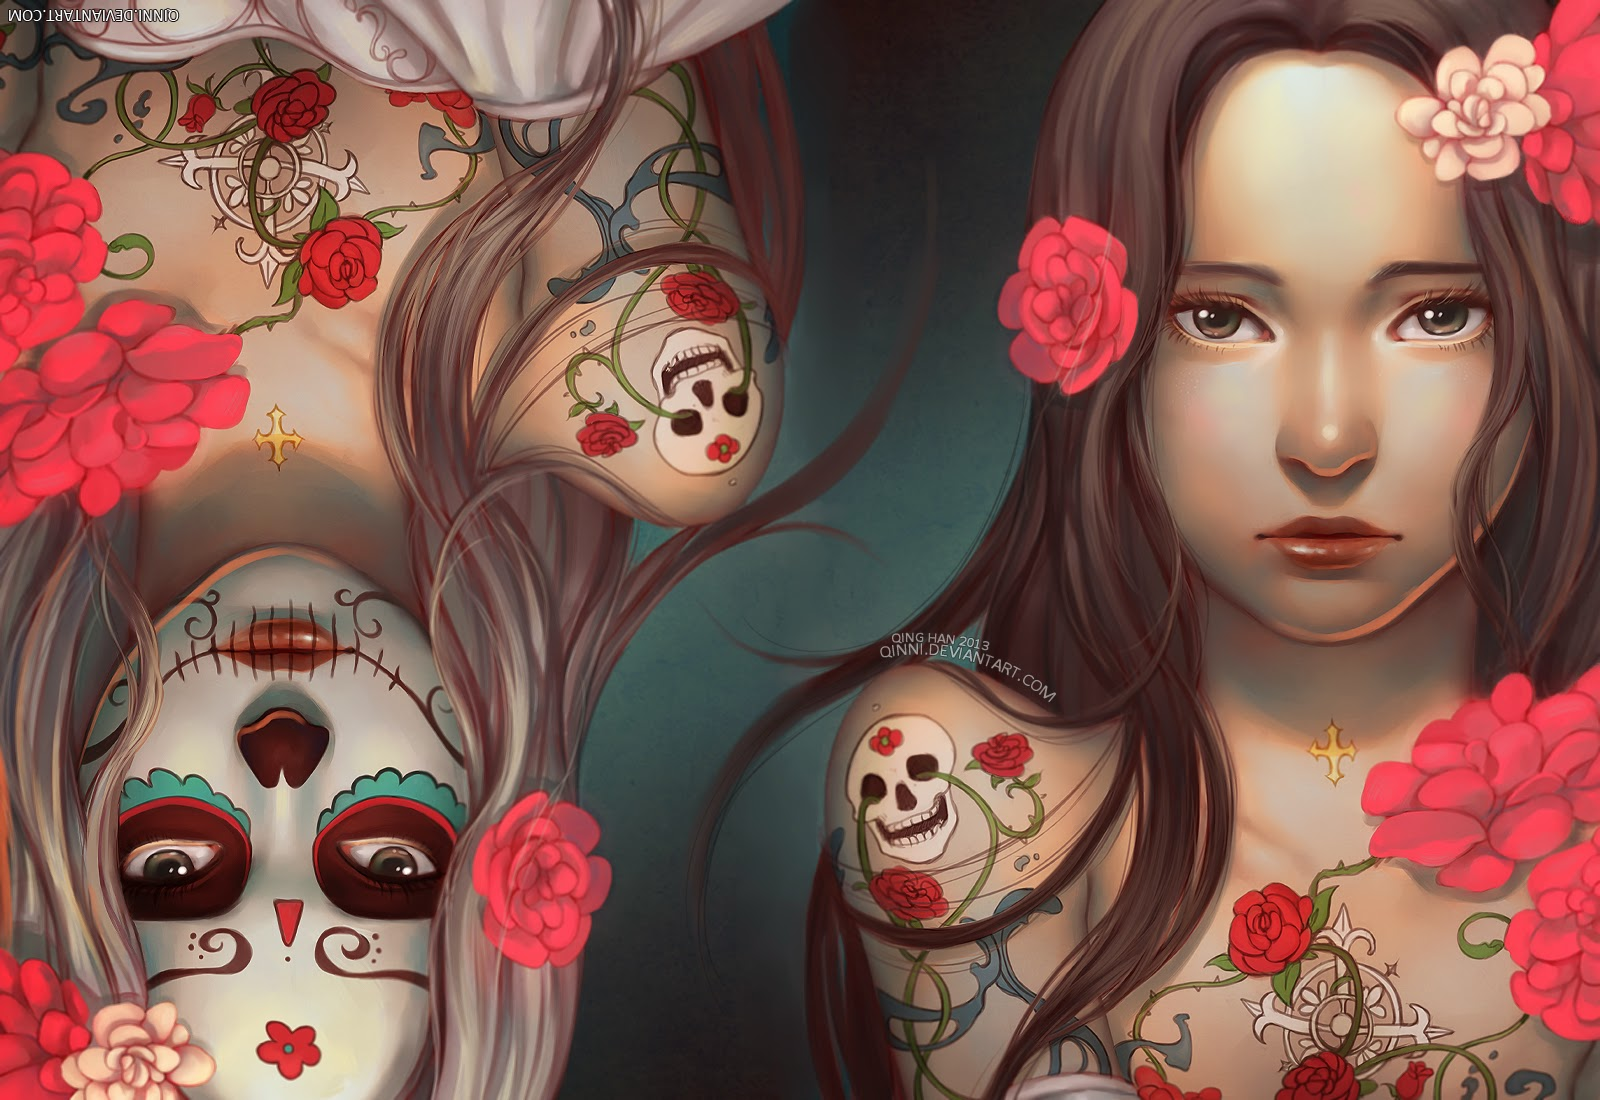 illustration de Qing Han de 2 femmes rendant hommage a los dias de la muerte